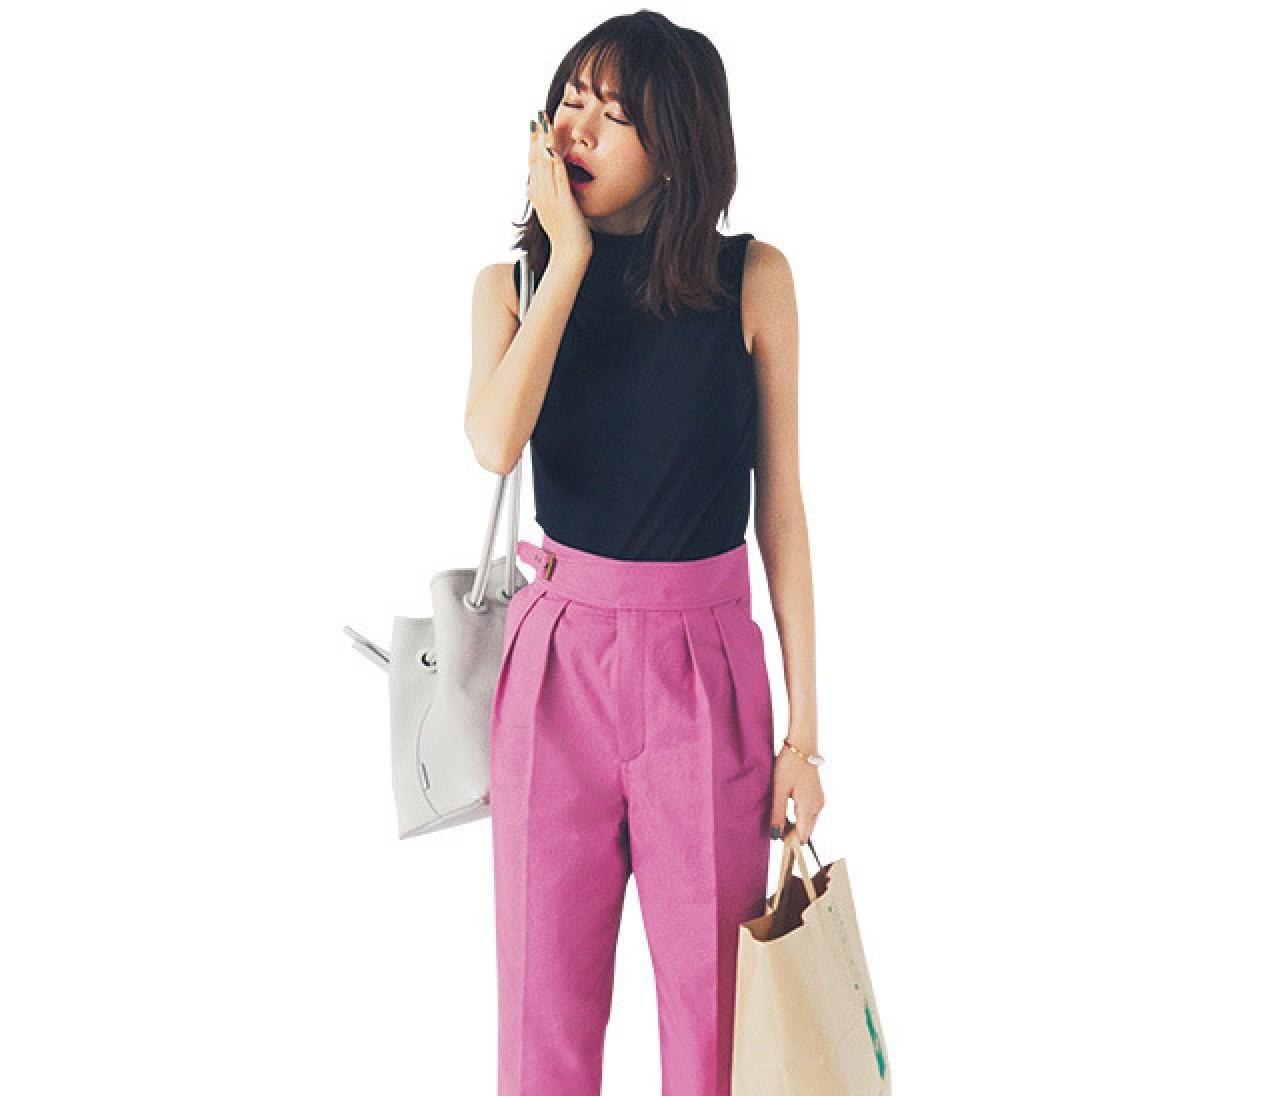 旬色ピンクパンツがあれば、ワンツーコーデも即おしゃれに!【2018/6/29のコーデ】